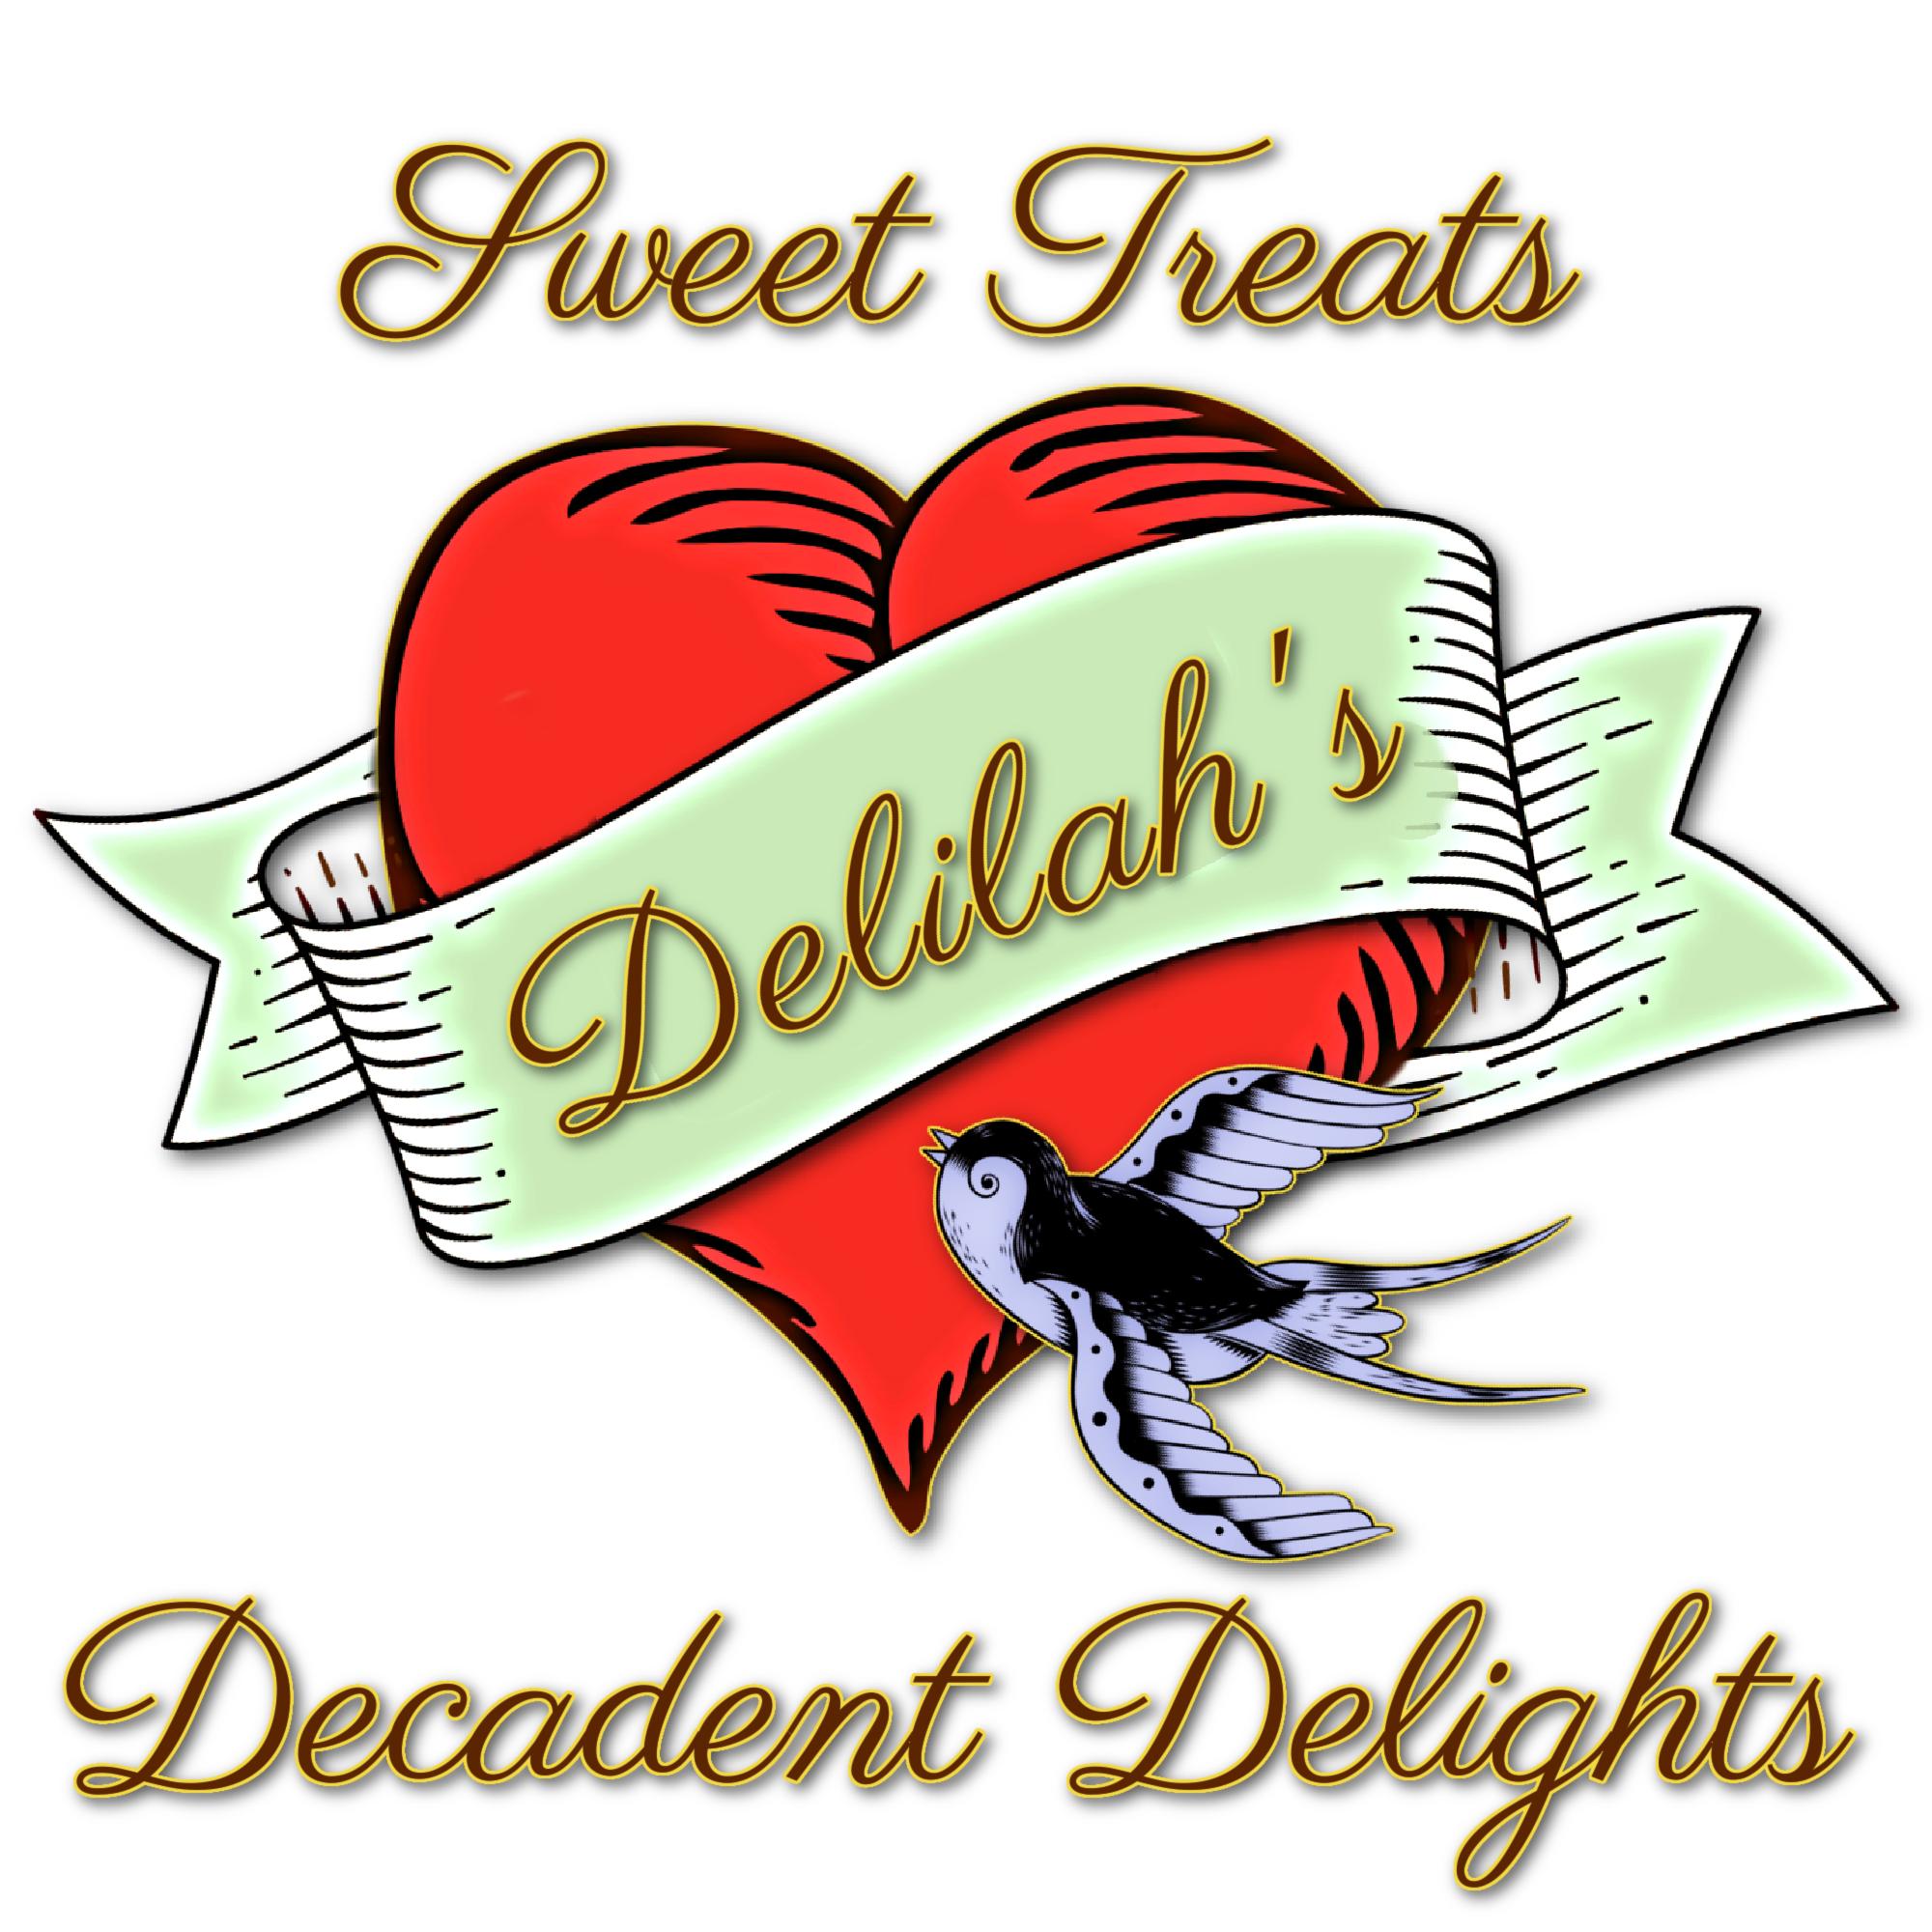 delilah-2-x-2-sticker-color-adjust.png